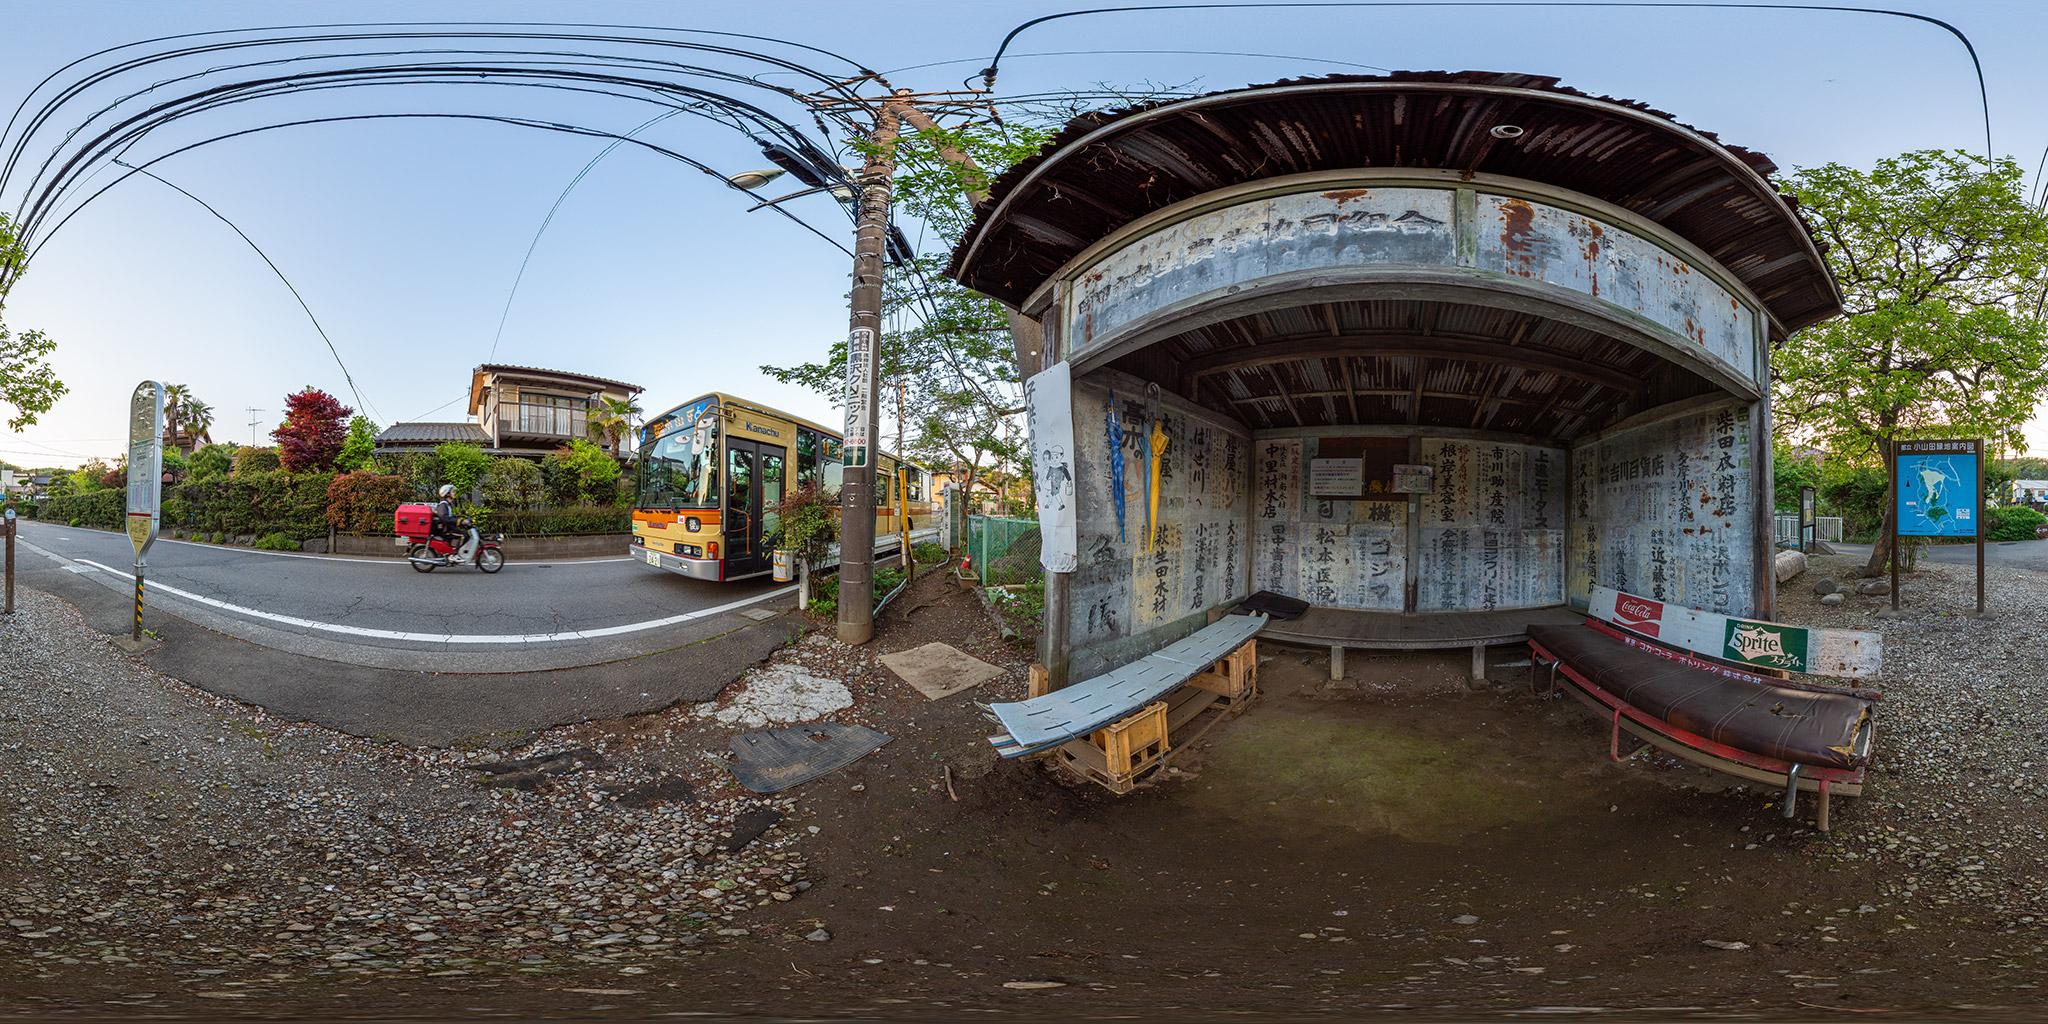 神奈中バス大泉寺バス停。解体された木造の待合所